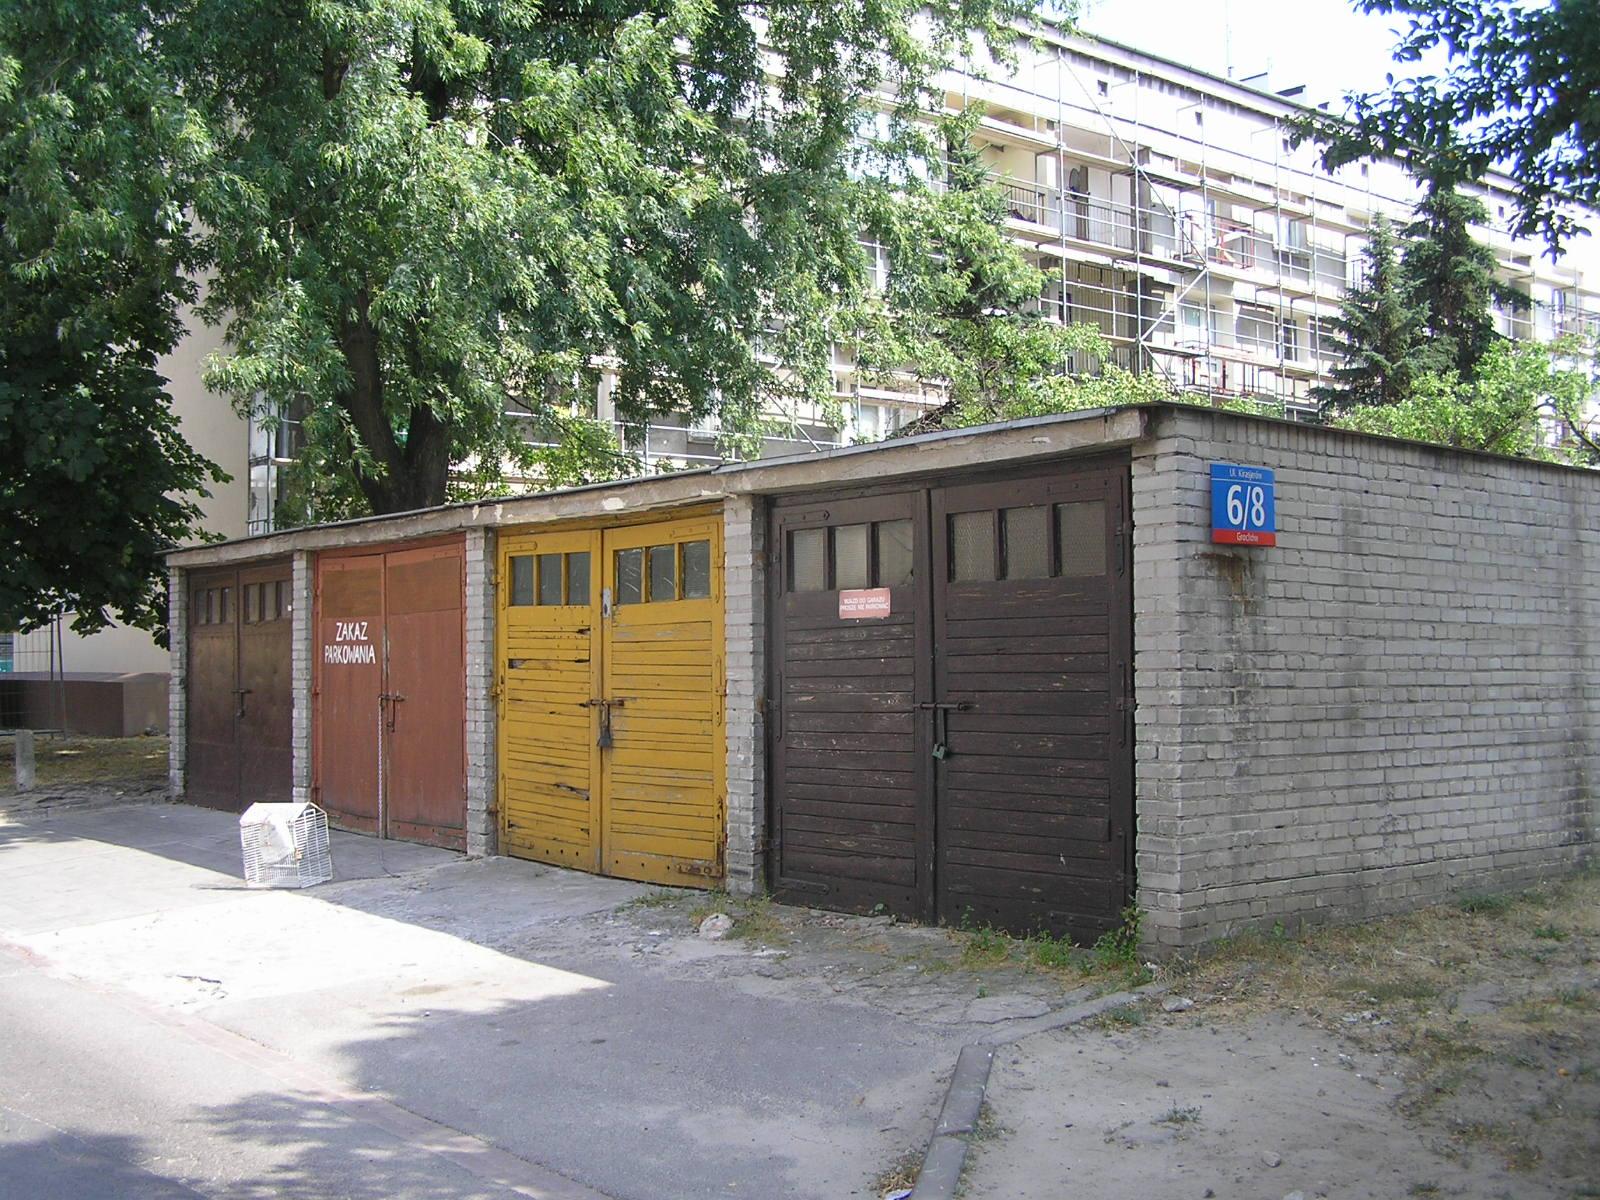 Murowane garaże przy Kirasjerów 6/8 na Grochowie